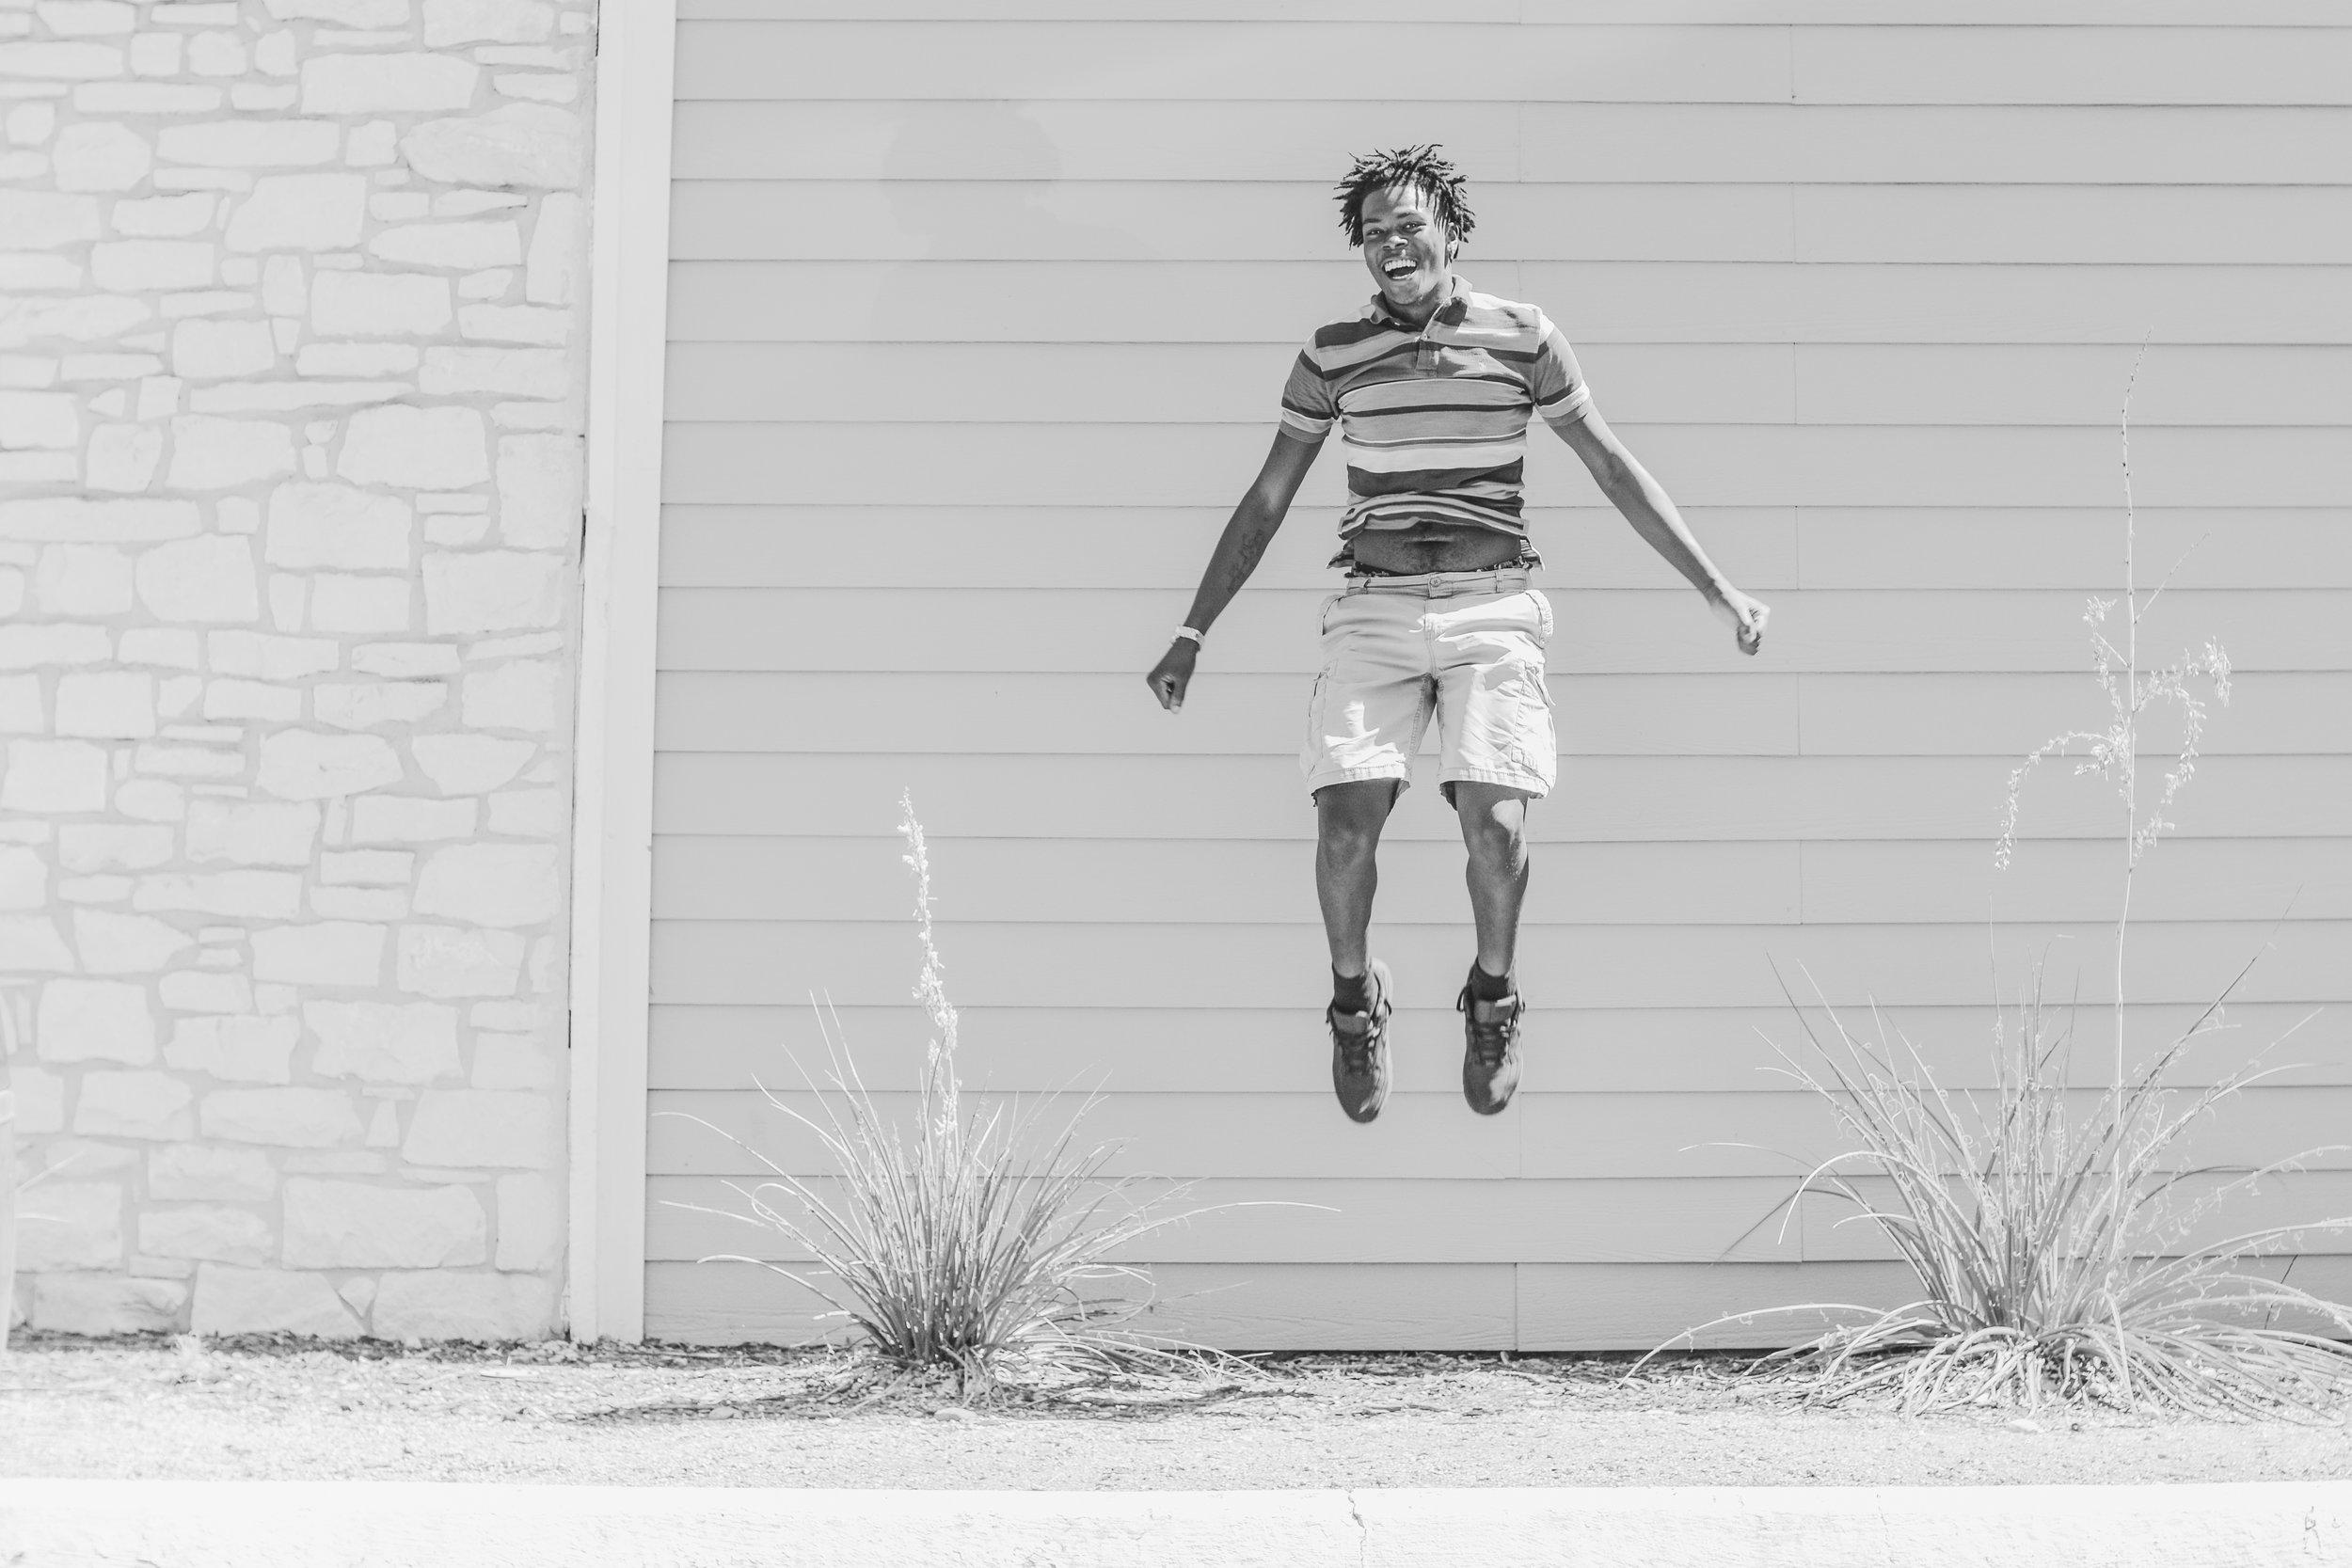 JUMP! Go ahead and jump!